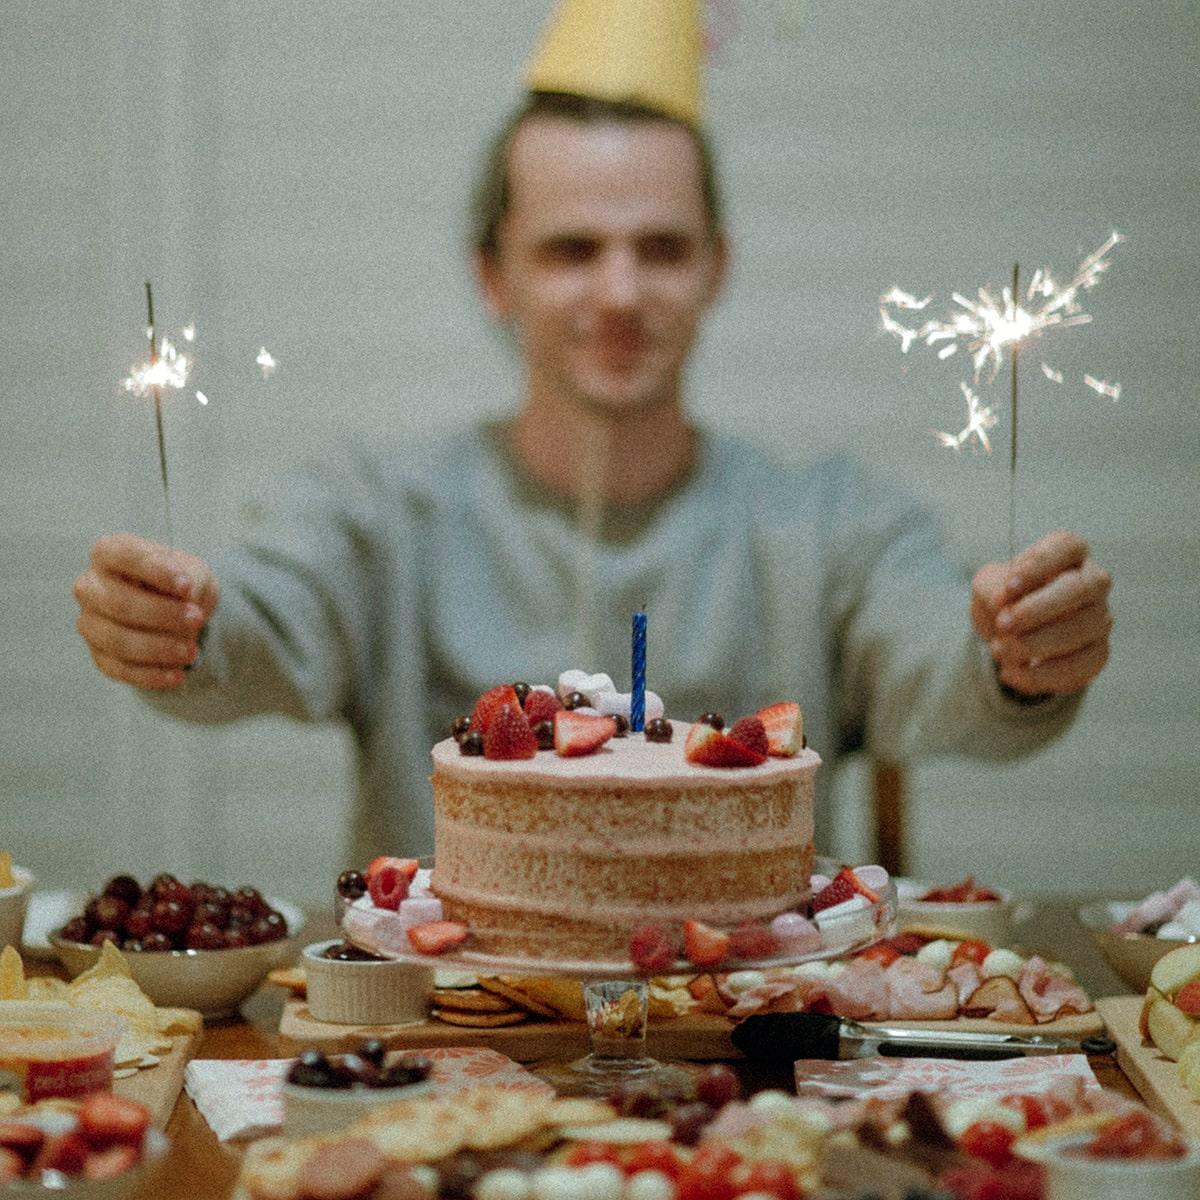 A Very Sparkling Birthday image